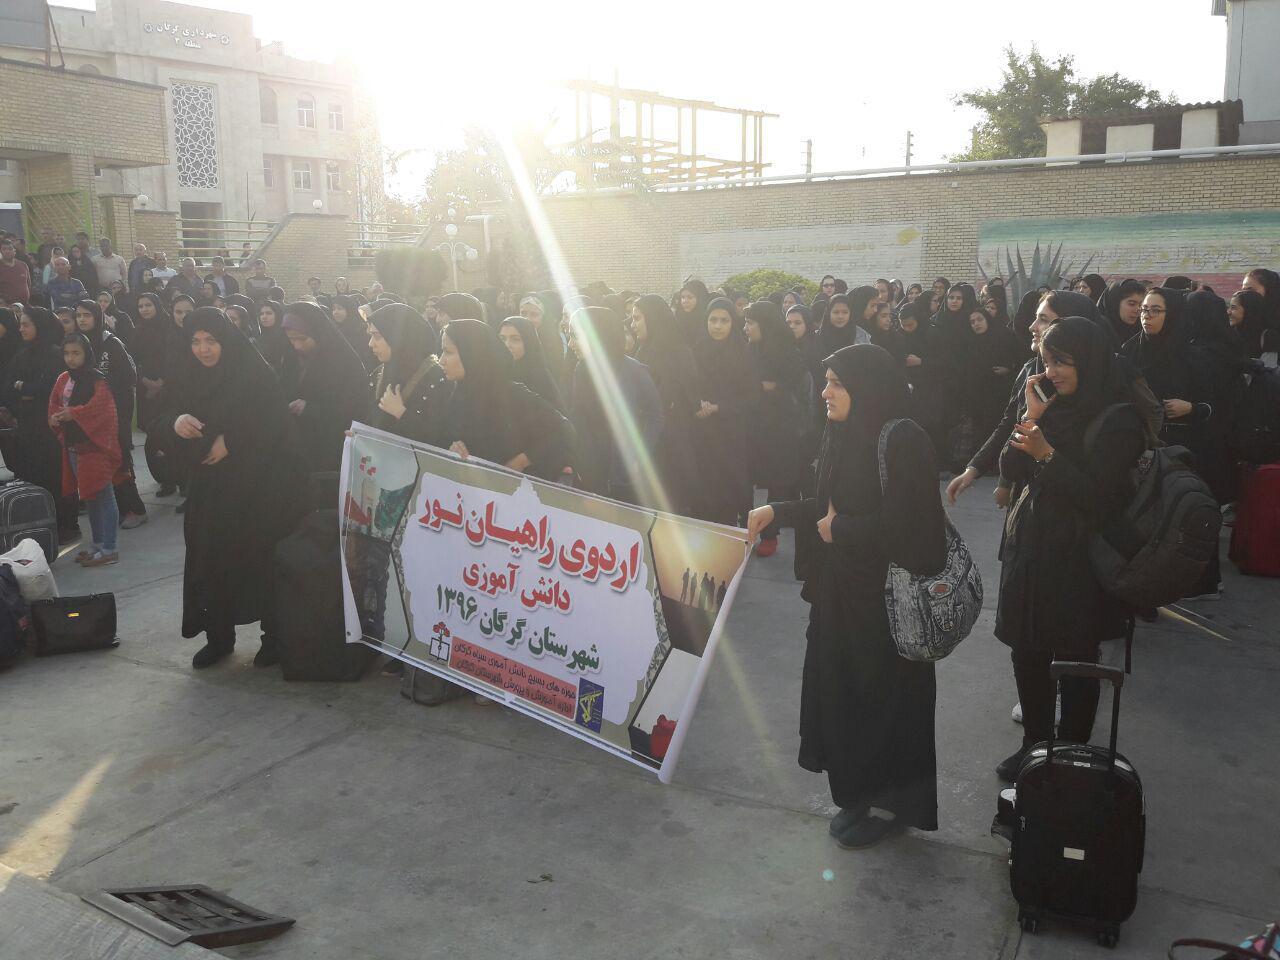 اعزام دختران دبیرستانی گرگان به مناطق عملیاتی غرب کشور1